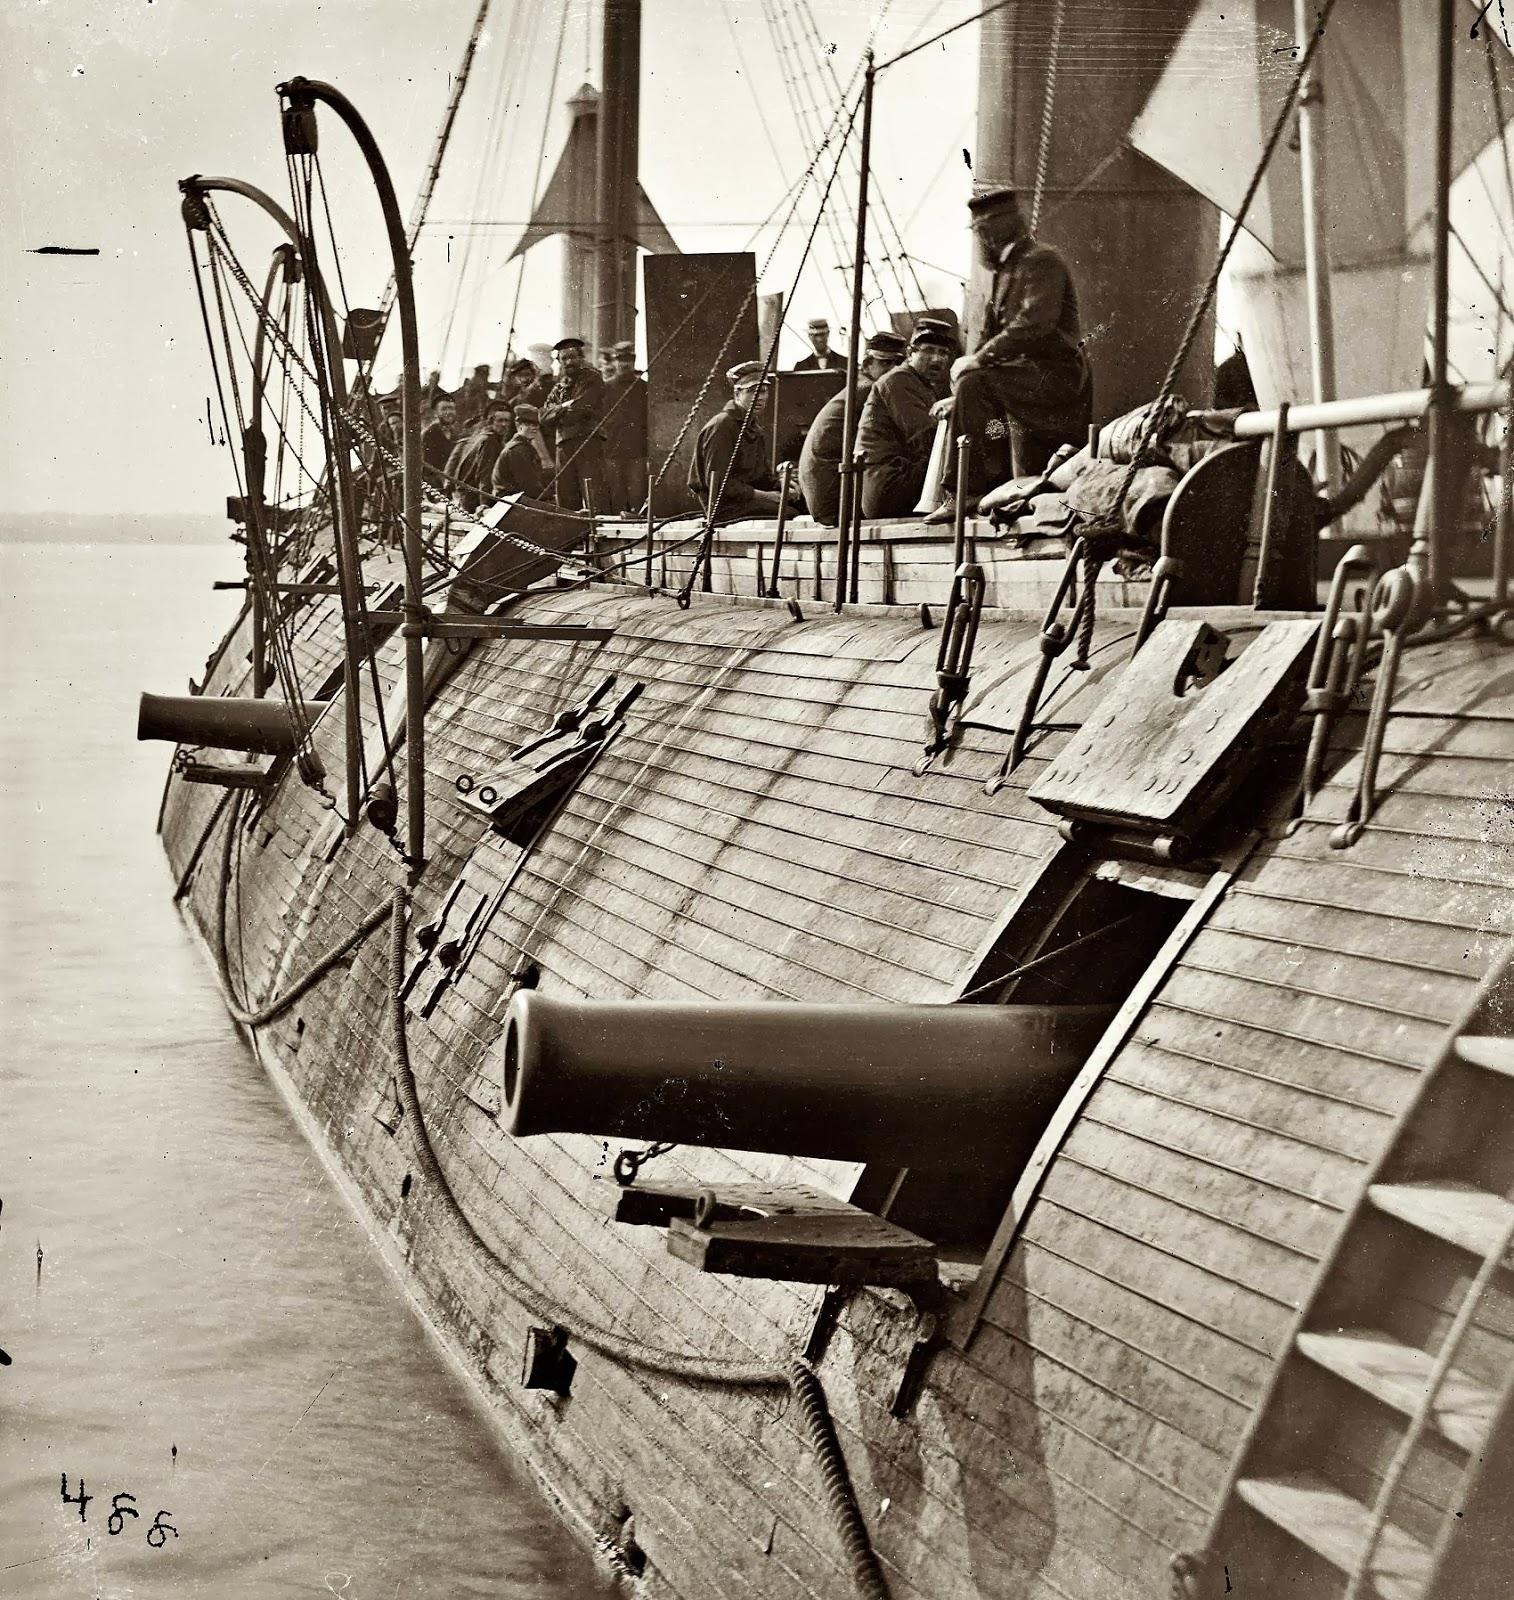 El acorazado federal USS Galena muestra algunos daños de batalla, 1862